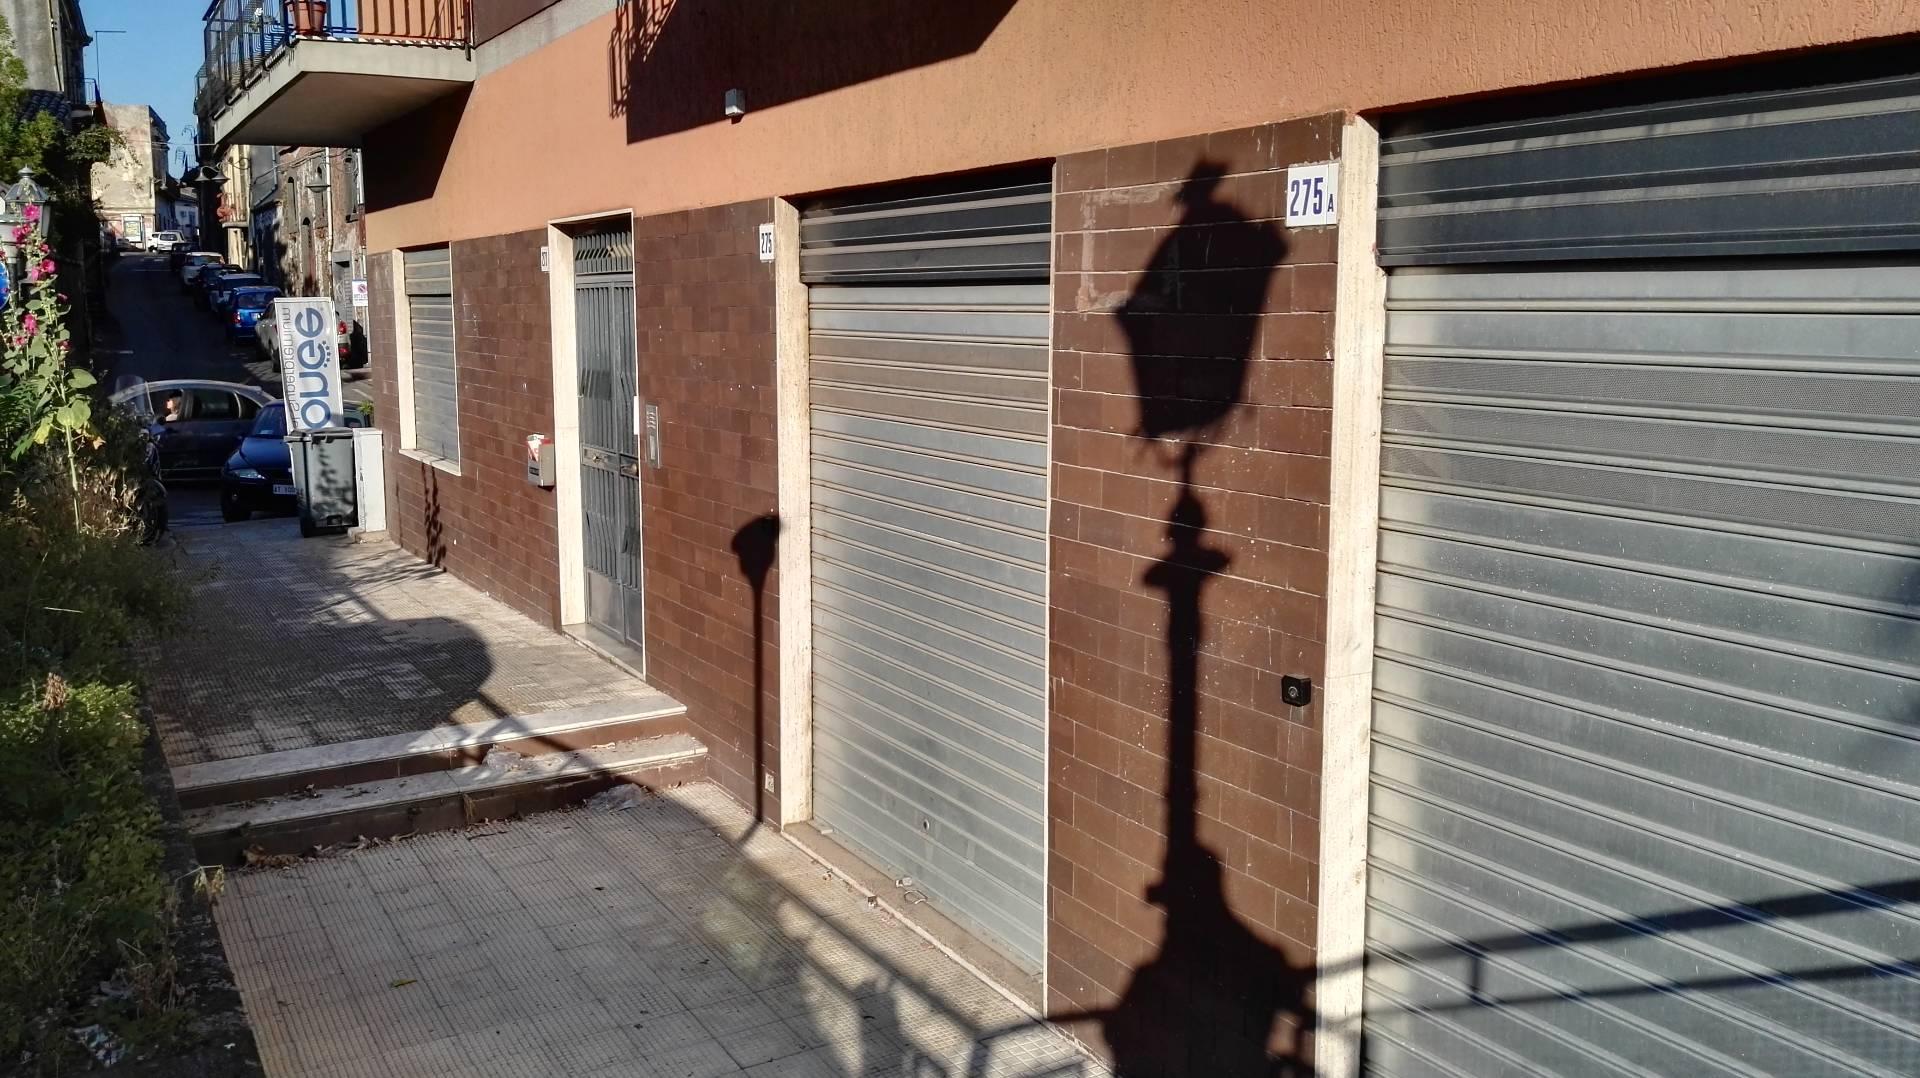 Negozio / Locale in affitto a Mascalucia, 9999 locali, zona Località: CentroStorico(ViaEtnea/ViaRoma...., prezzo € 400 | CambioCasa.it